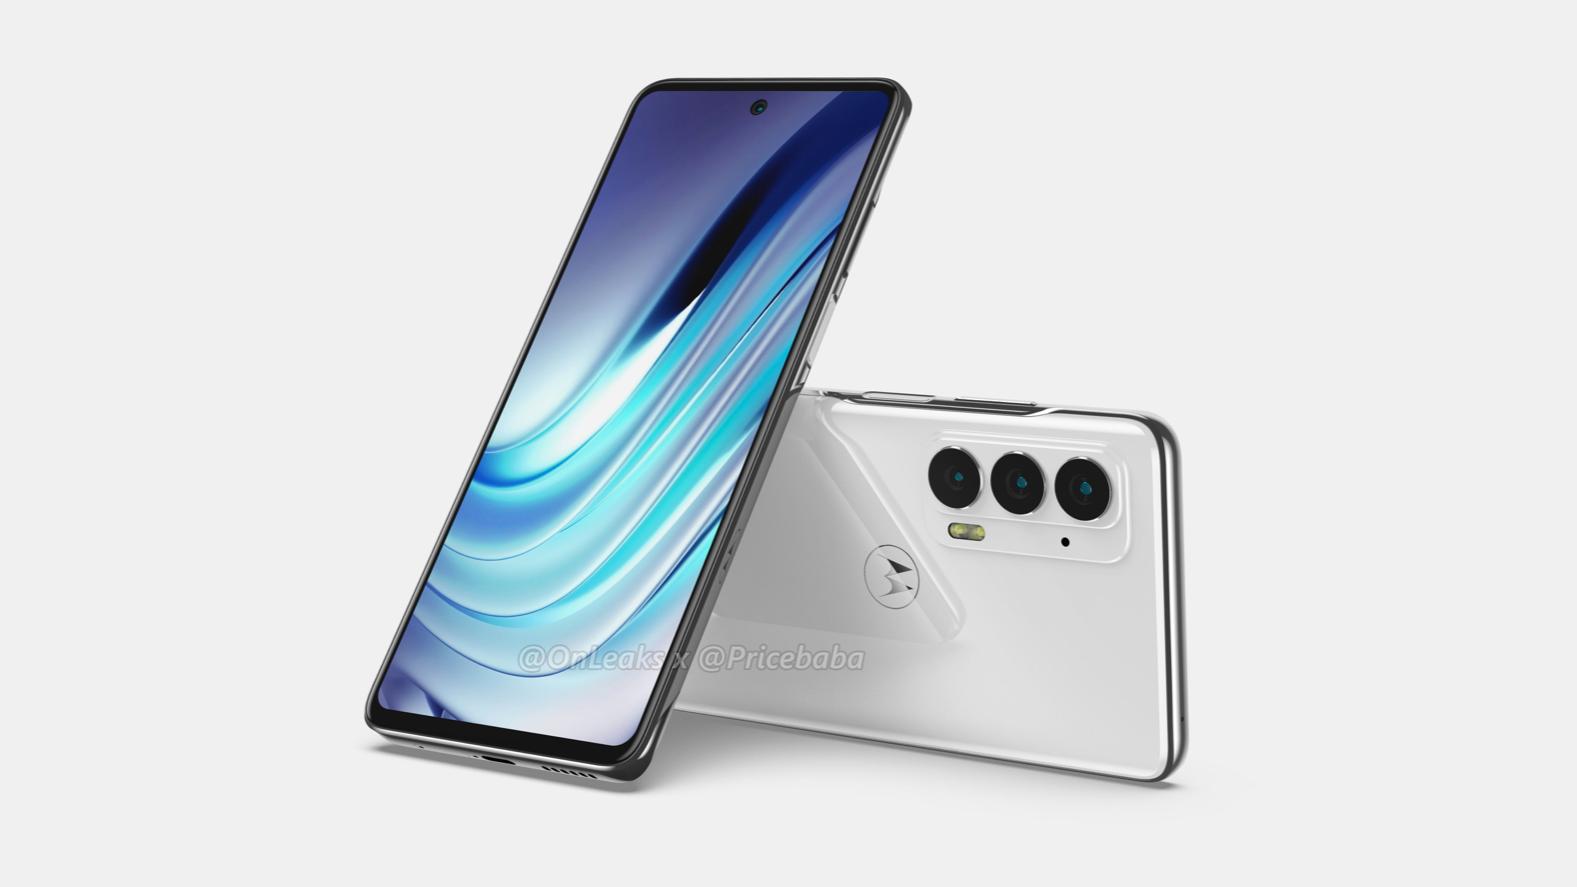 Официально: линейку смартфонов Motorola Edge 20 с камерами на 108 МП представят 5 августа